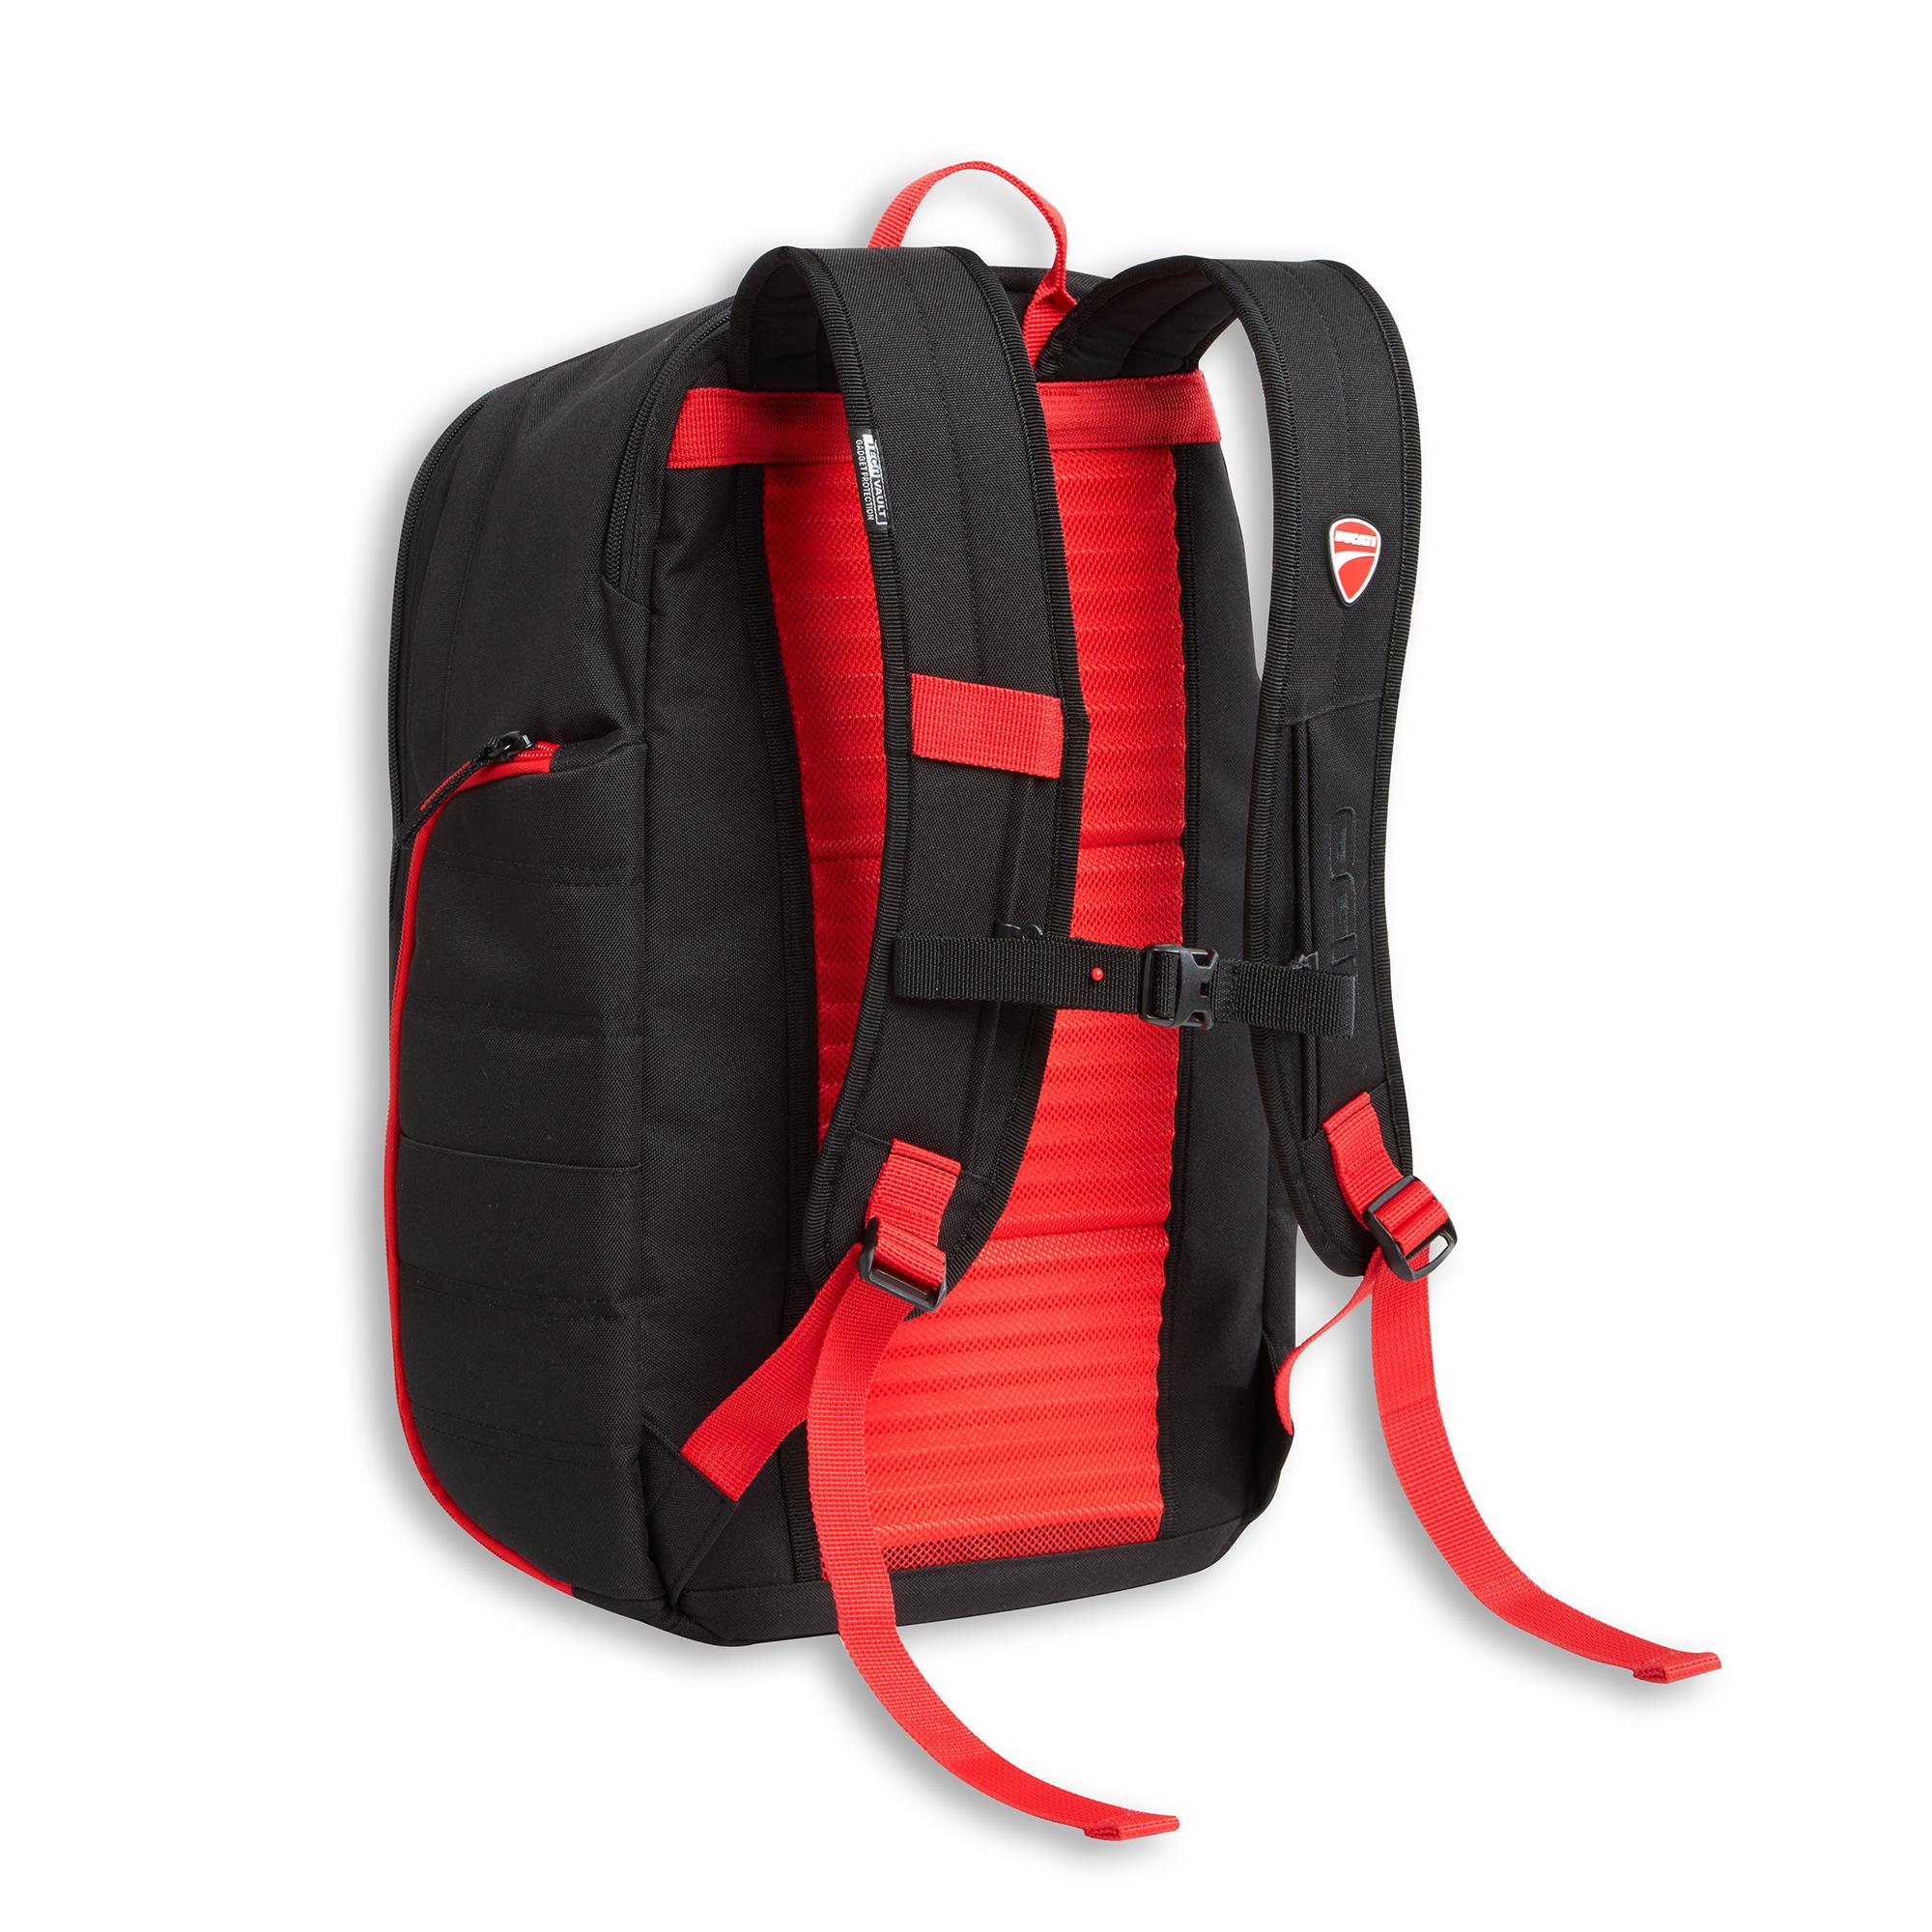 Redline B2 - All-use knapsack